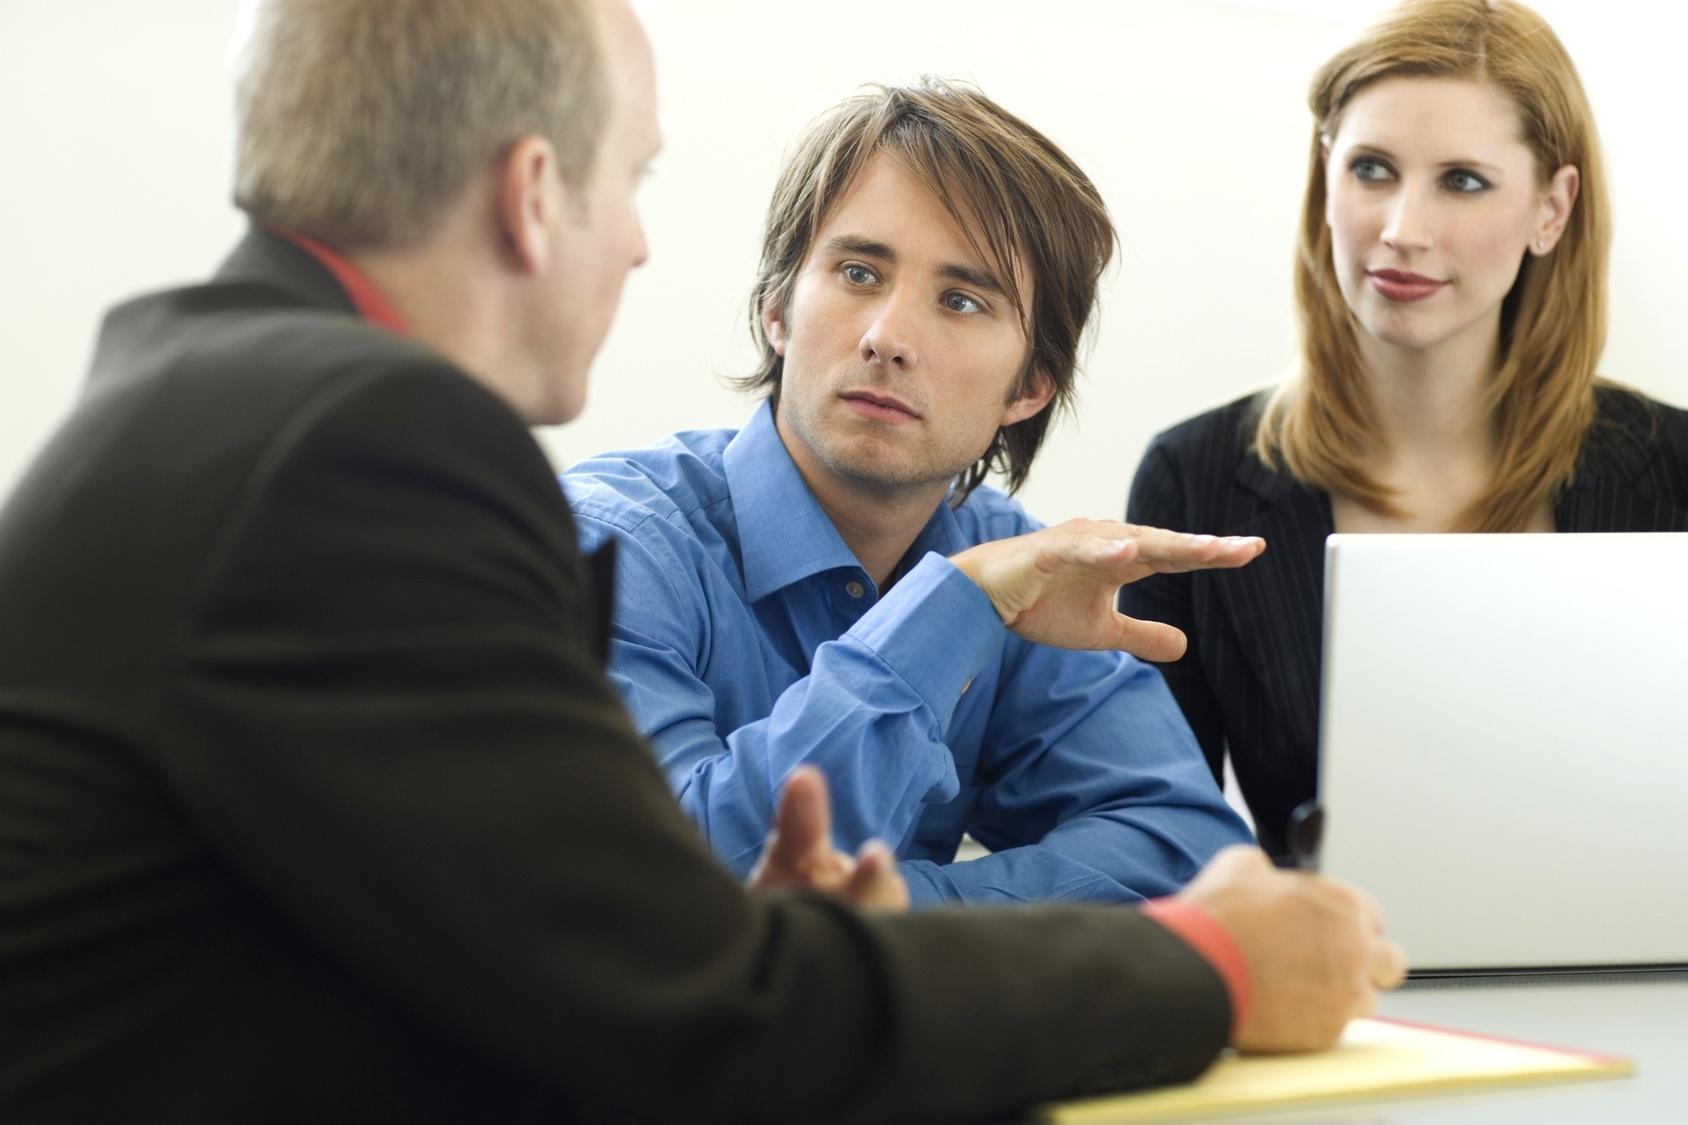 Les opportunités des métiers dans les secteurs : Audit, Conseil, Expertise-Comptable